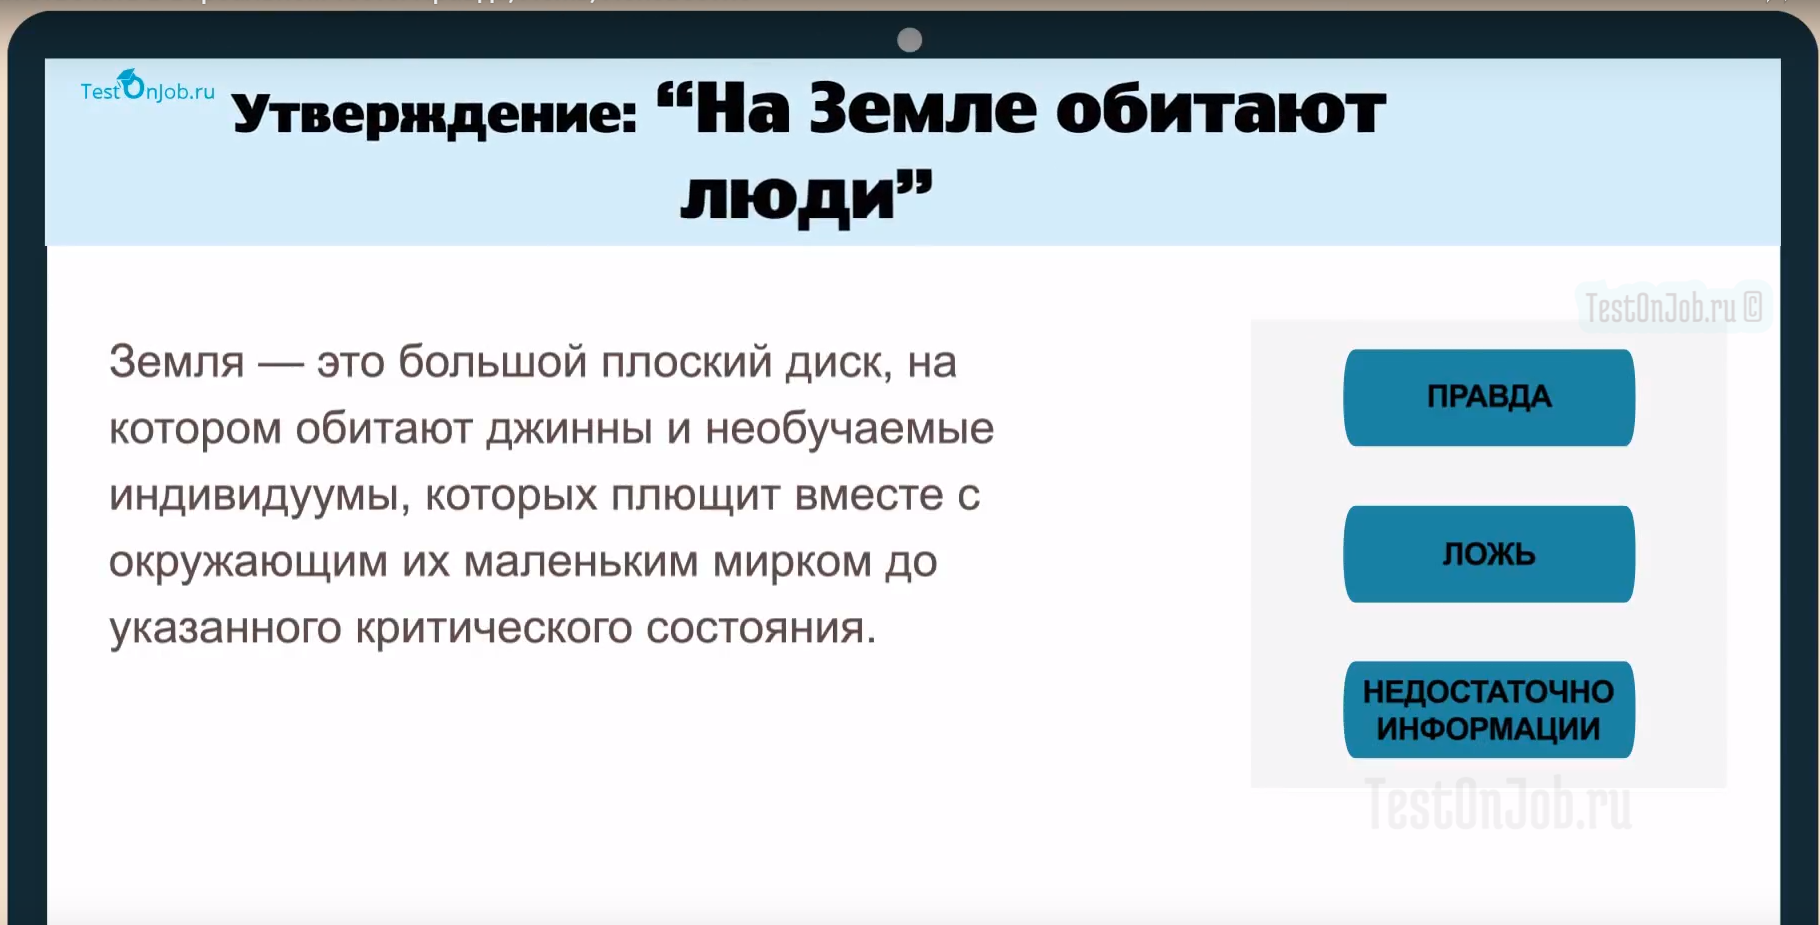 вербальные тесты с ответами бесплатно